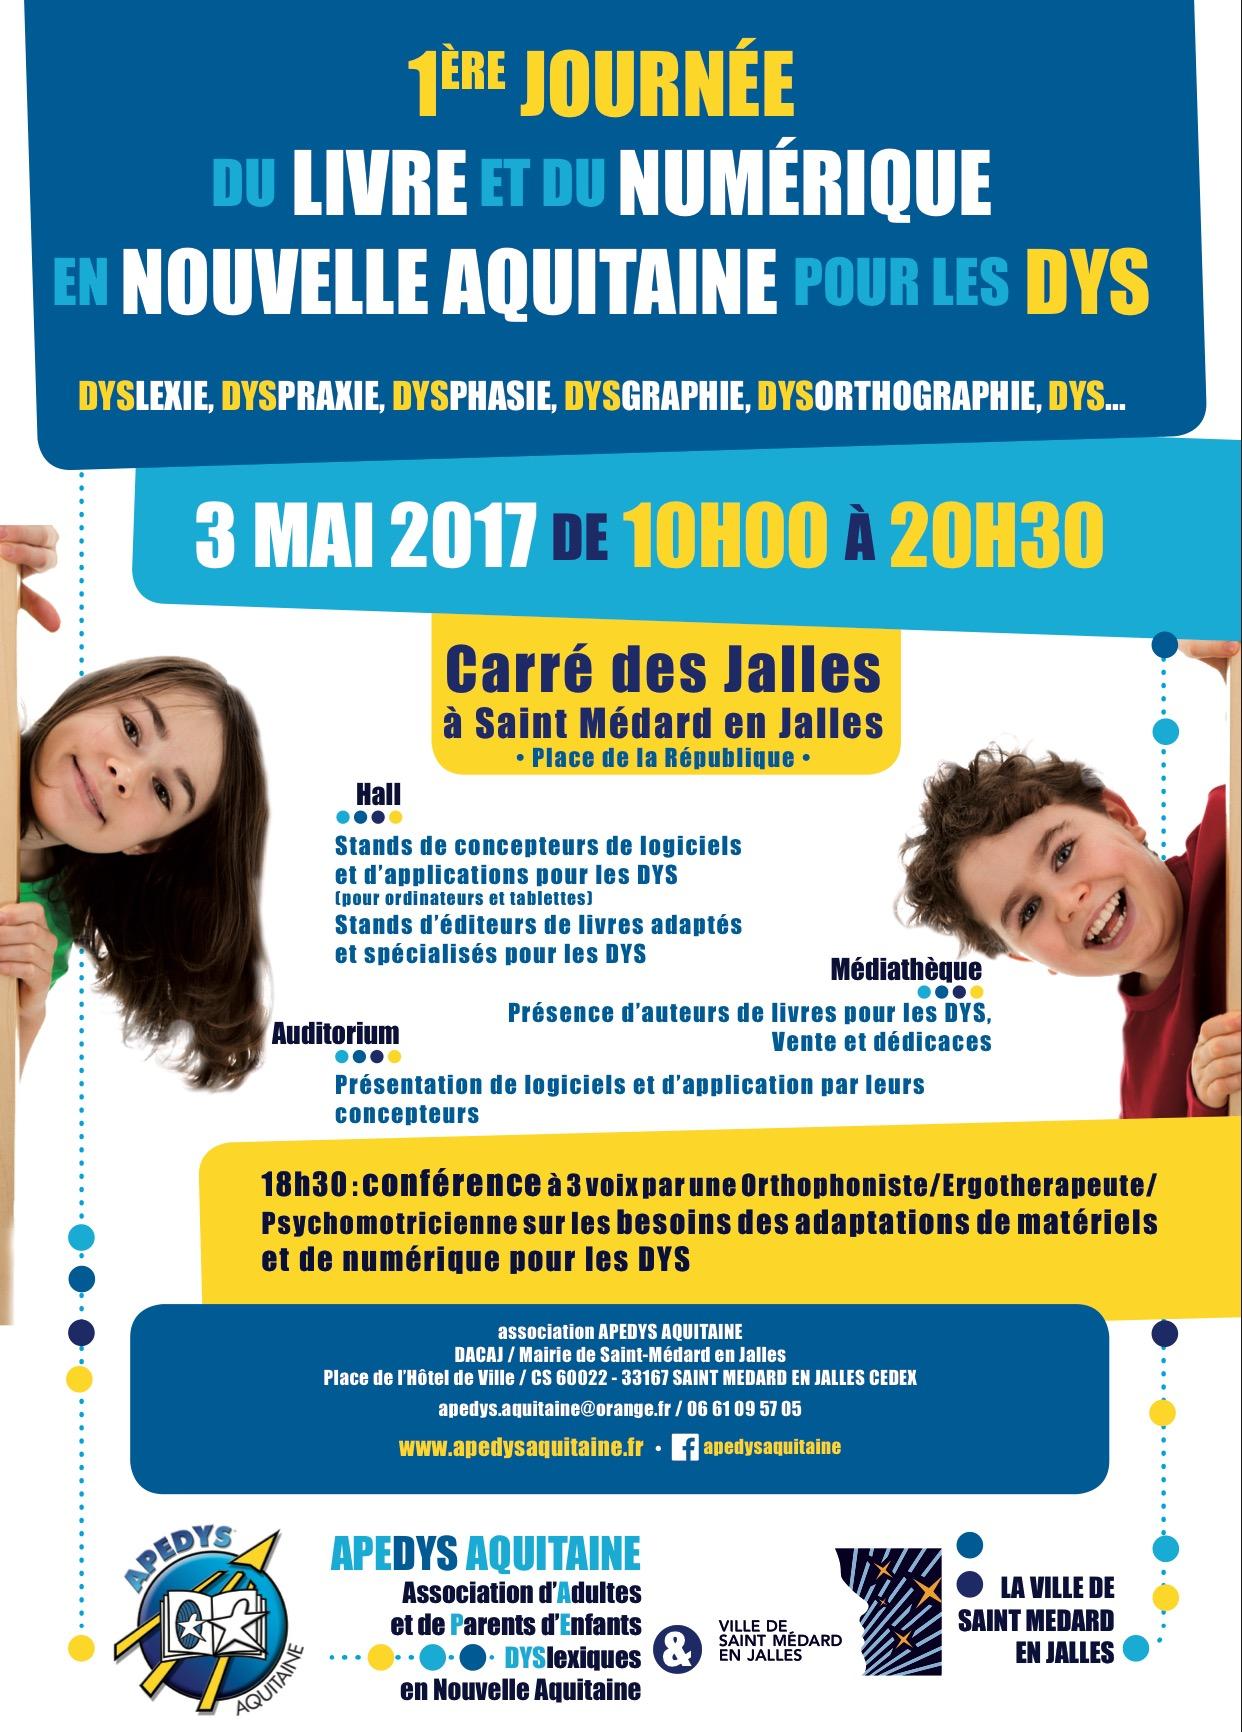 Affiche Salon du livre et du numérique pour les Dys - 3 mai 2017